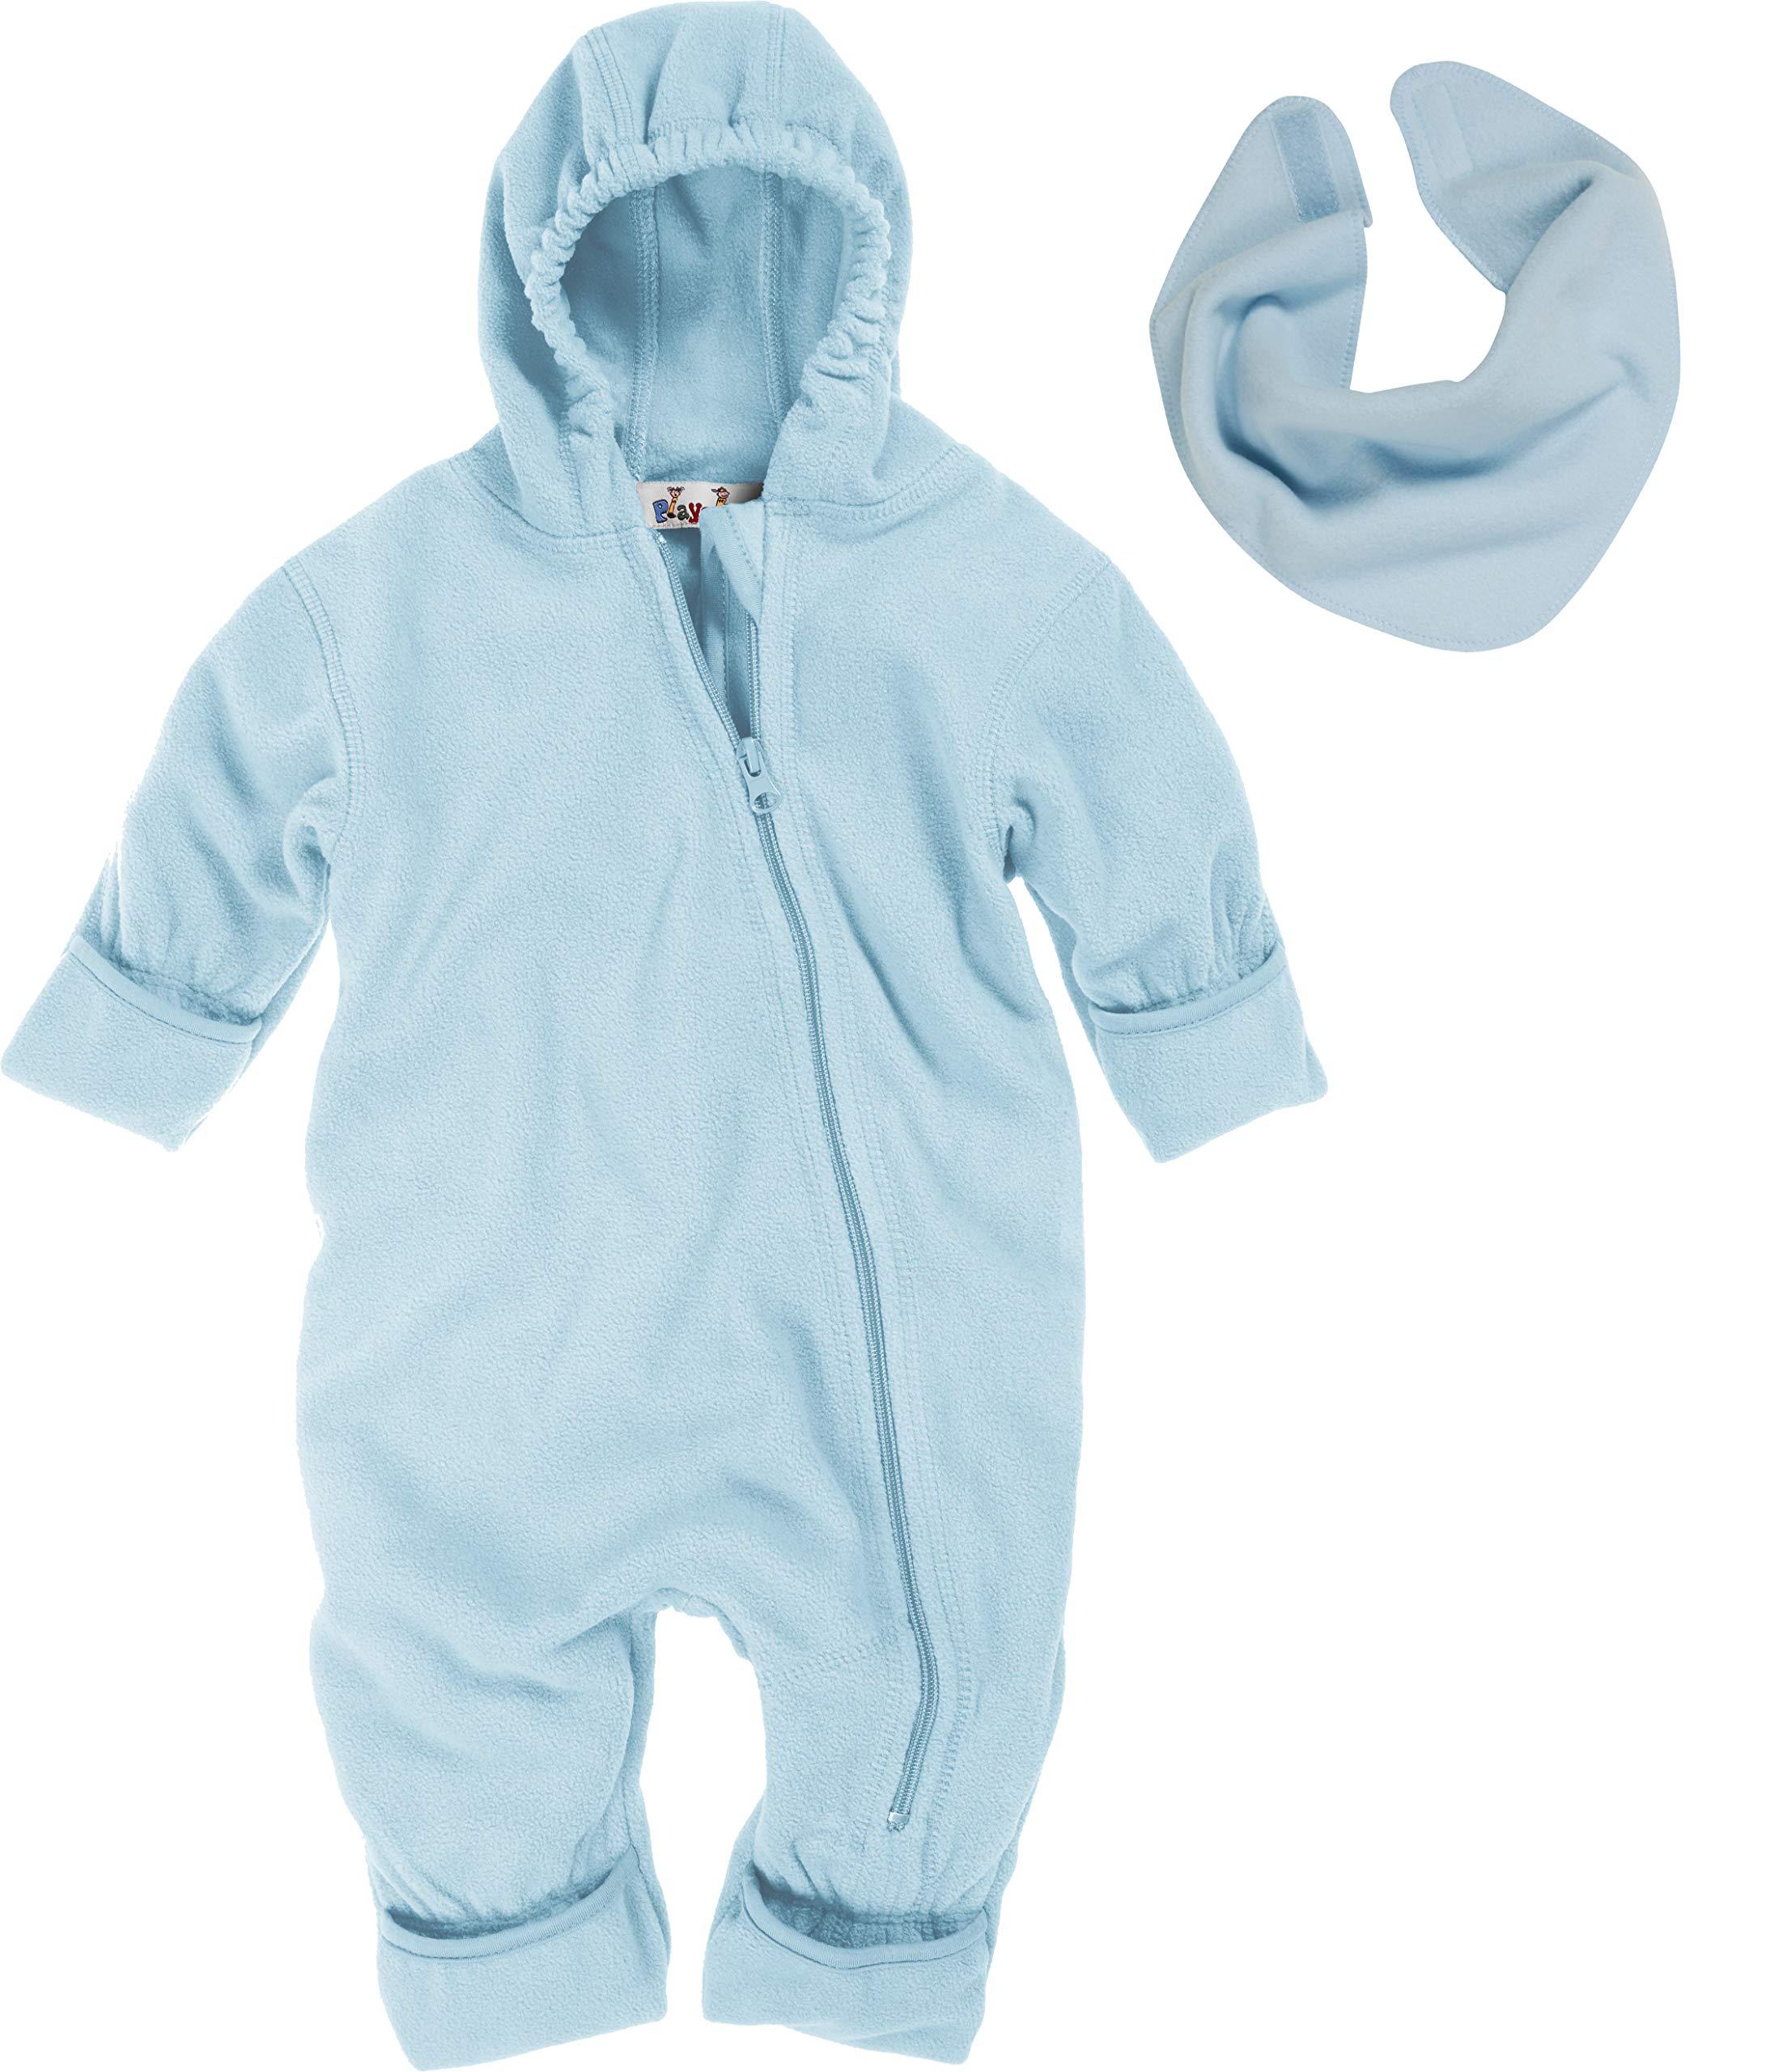 Playshoes Pantalones Impermeables Unisex bebé 1